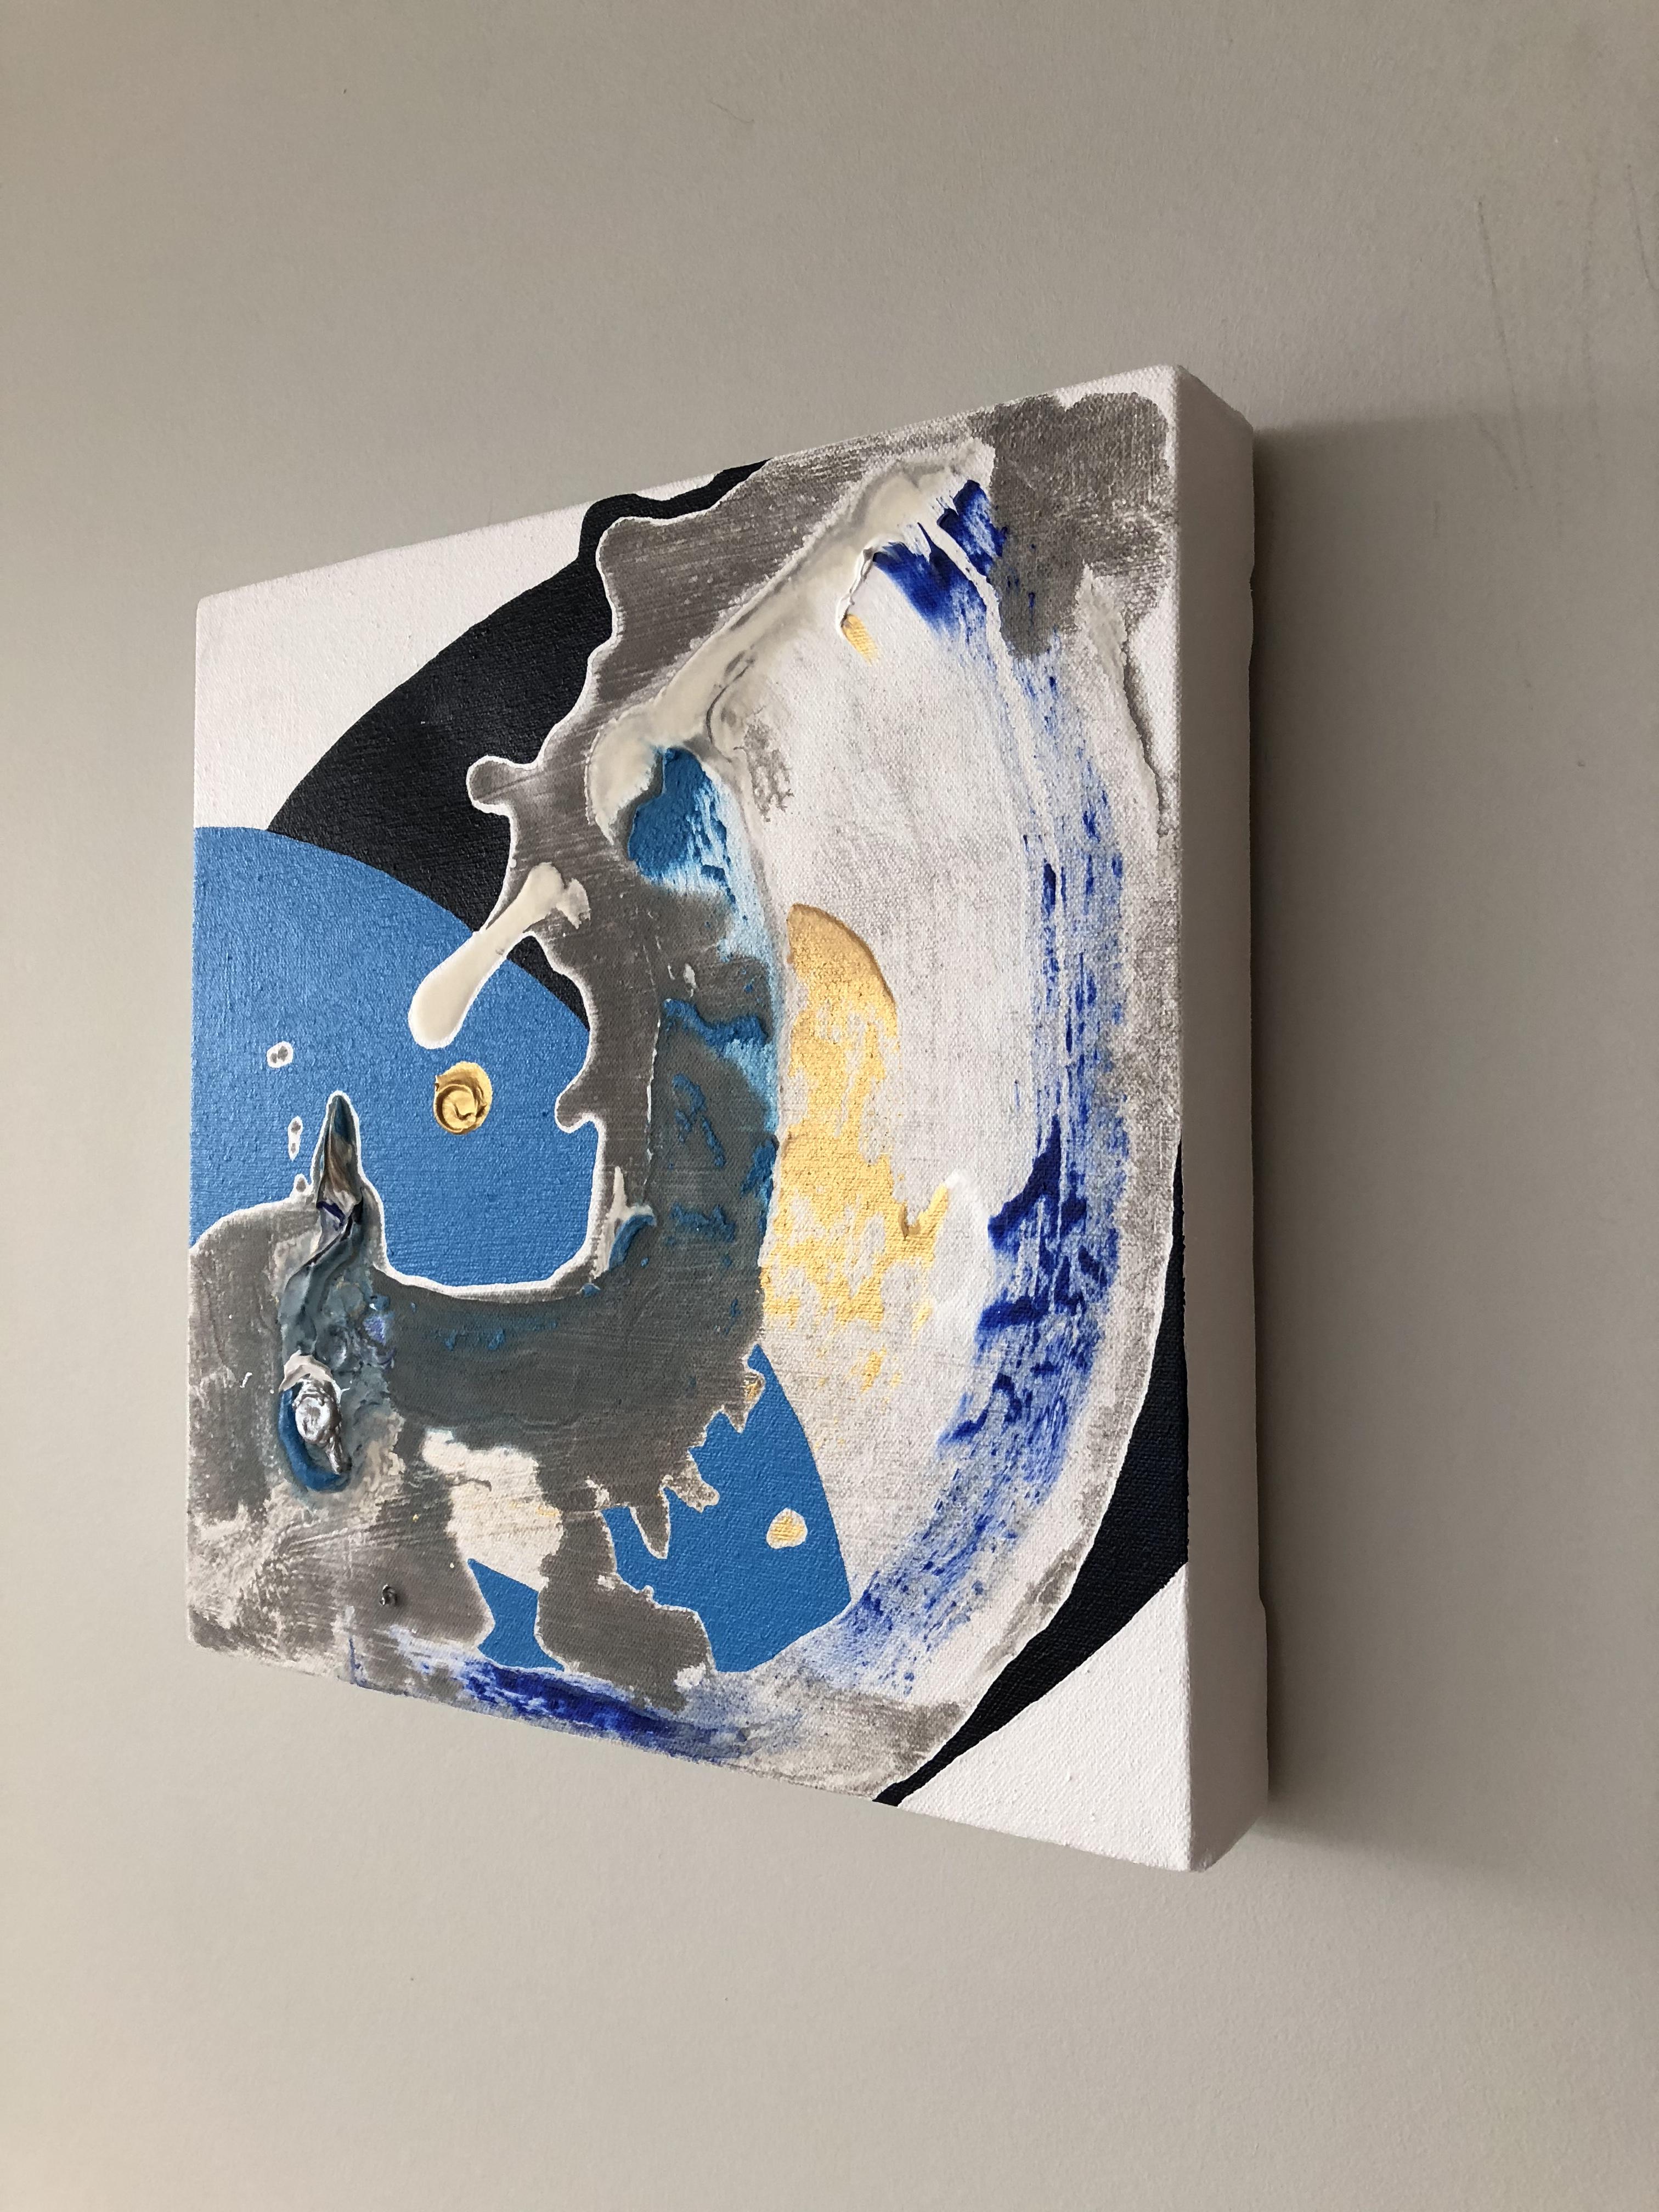 pyrite-side-12x12.jpeg